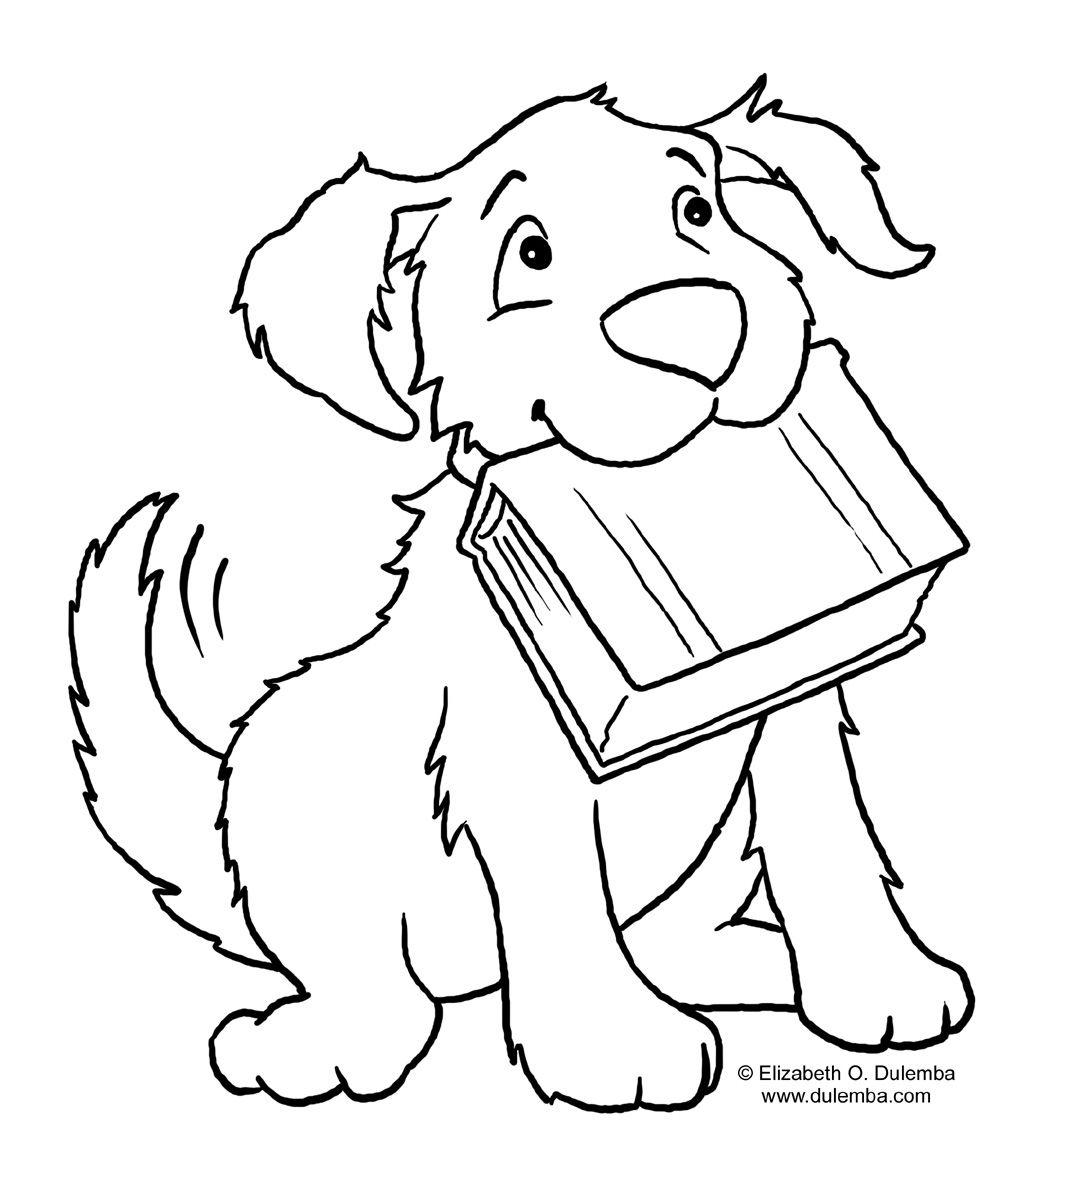 Dog Coloring Pages For Kids Kleurboek Boek Bladzijden Kleuren